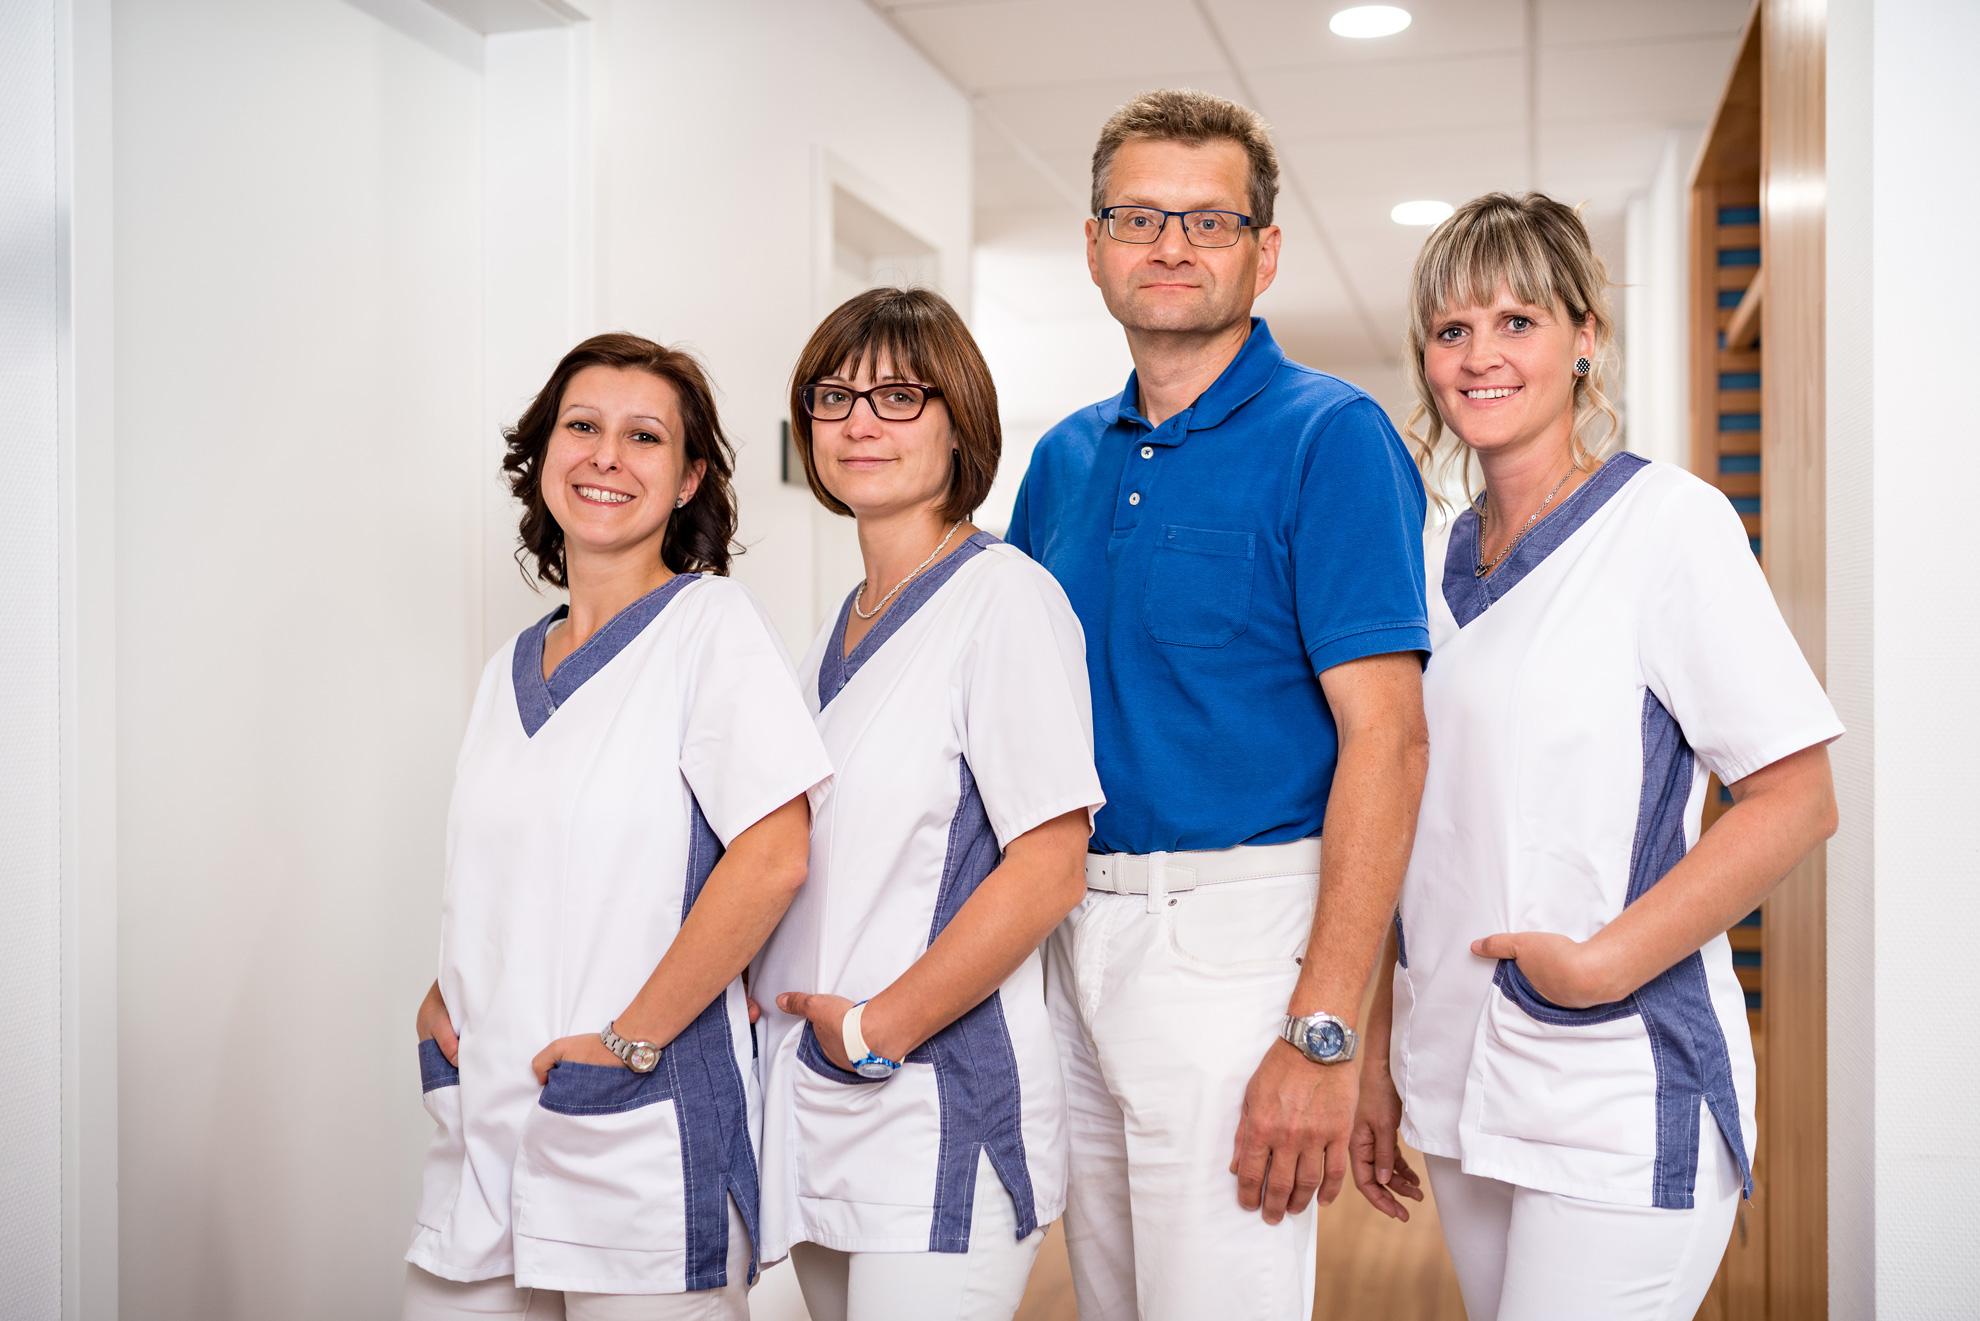 Team Dr. Martin Wenzel Brüggemann | Praxis für Allgemeinmedizin, Rudolstadt